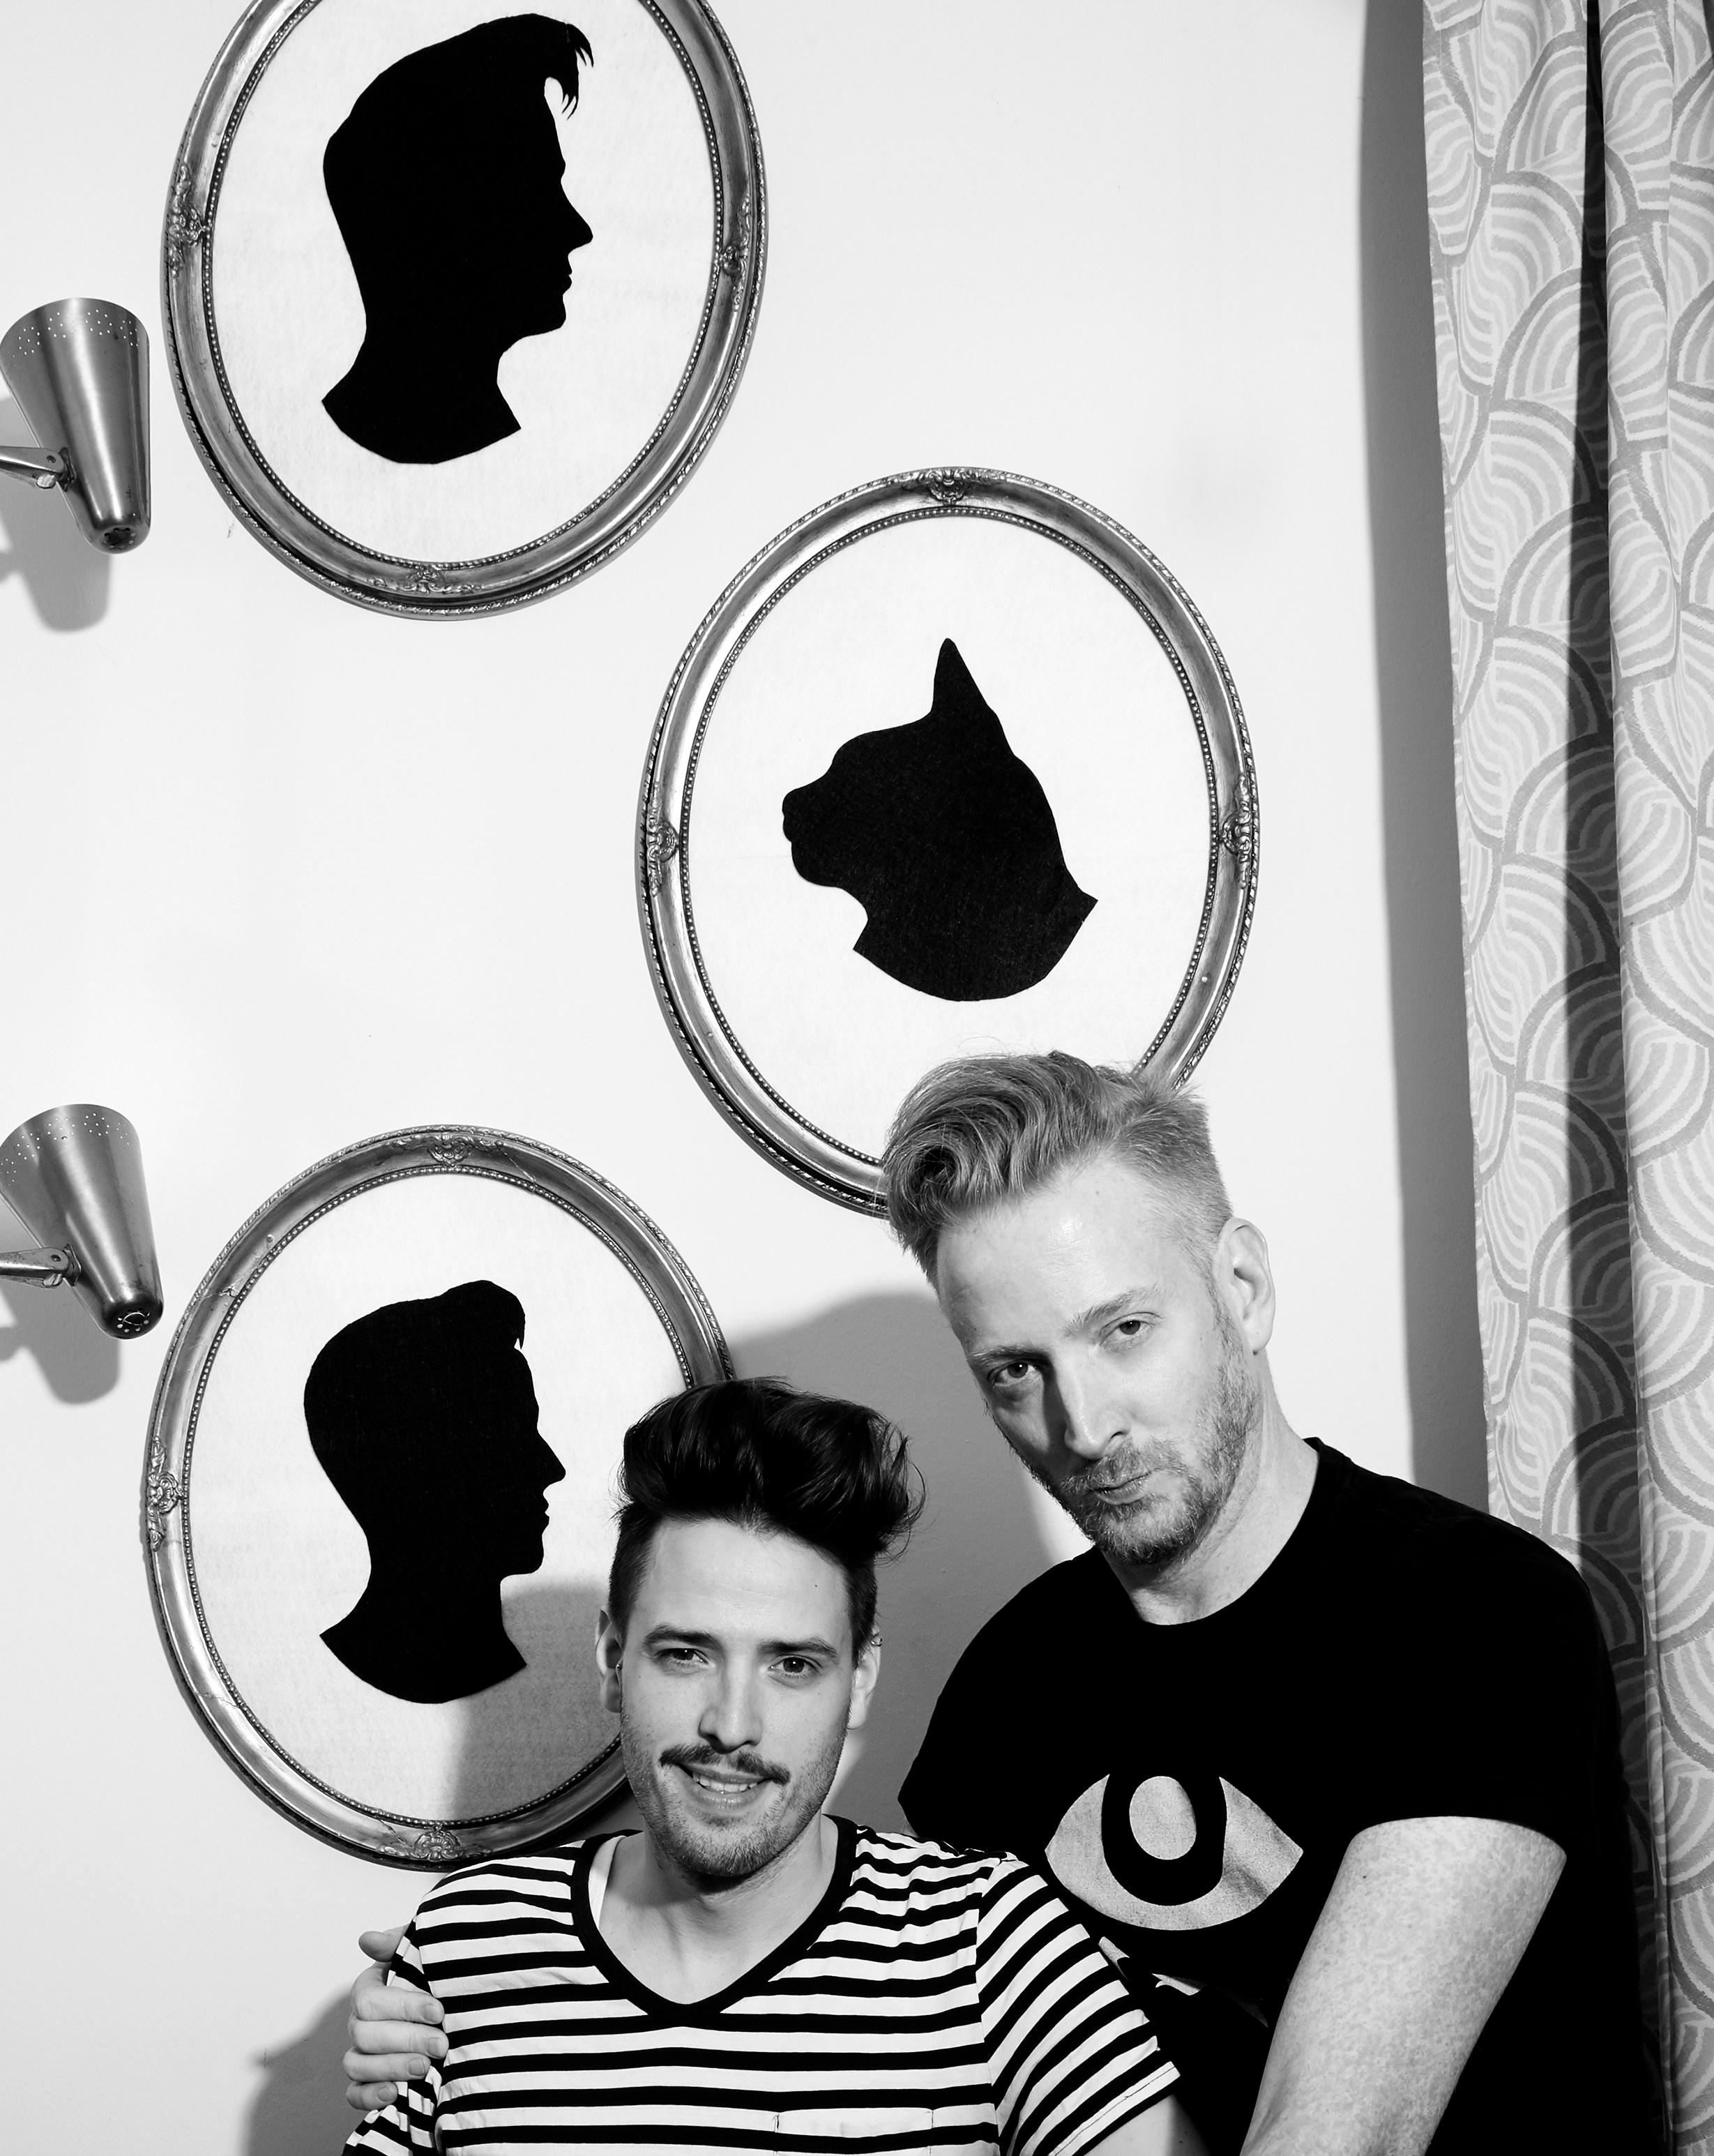 Michael Jorris and Greg Garry at home in LA